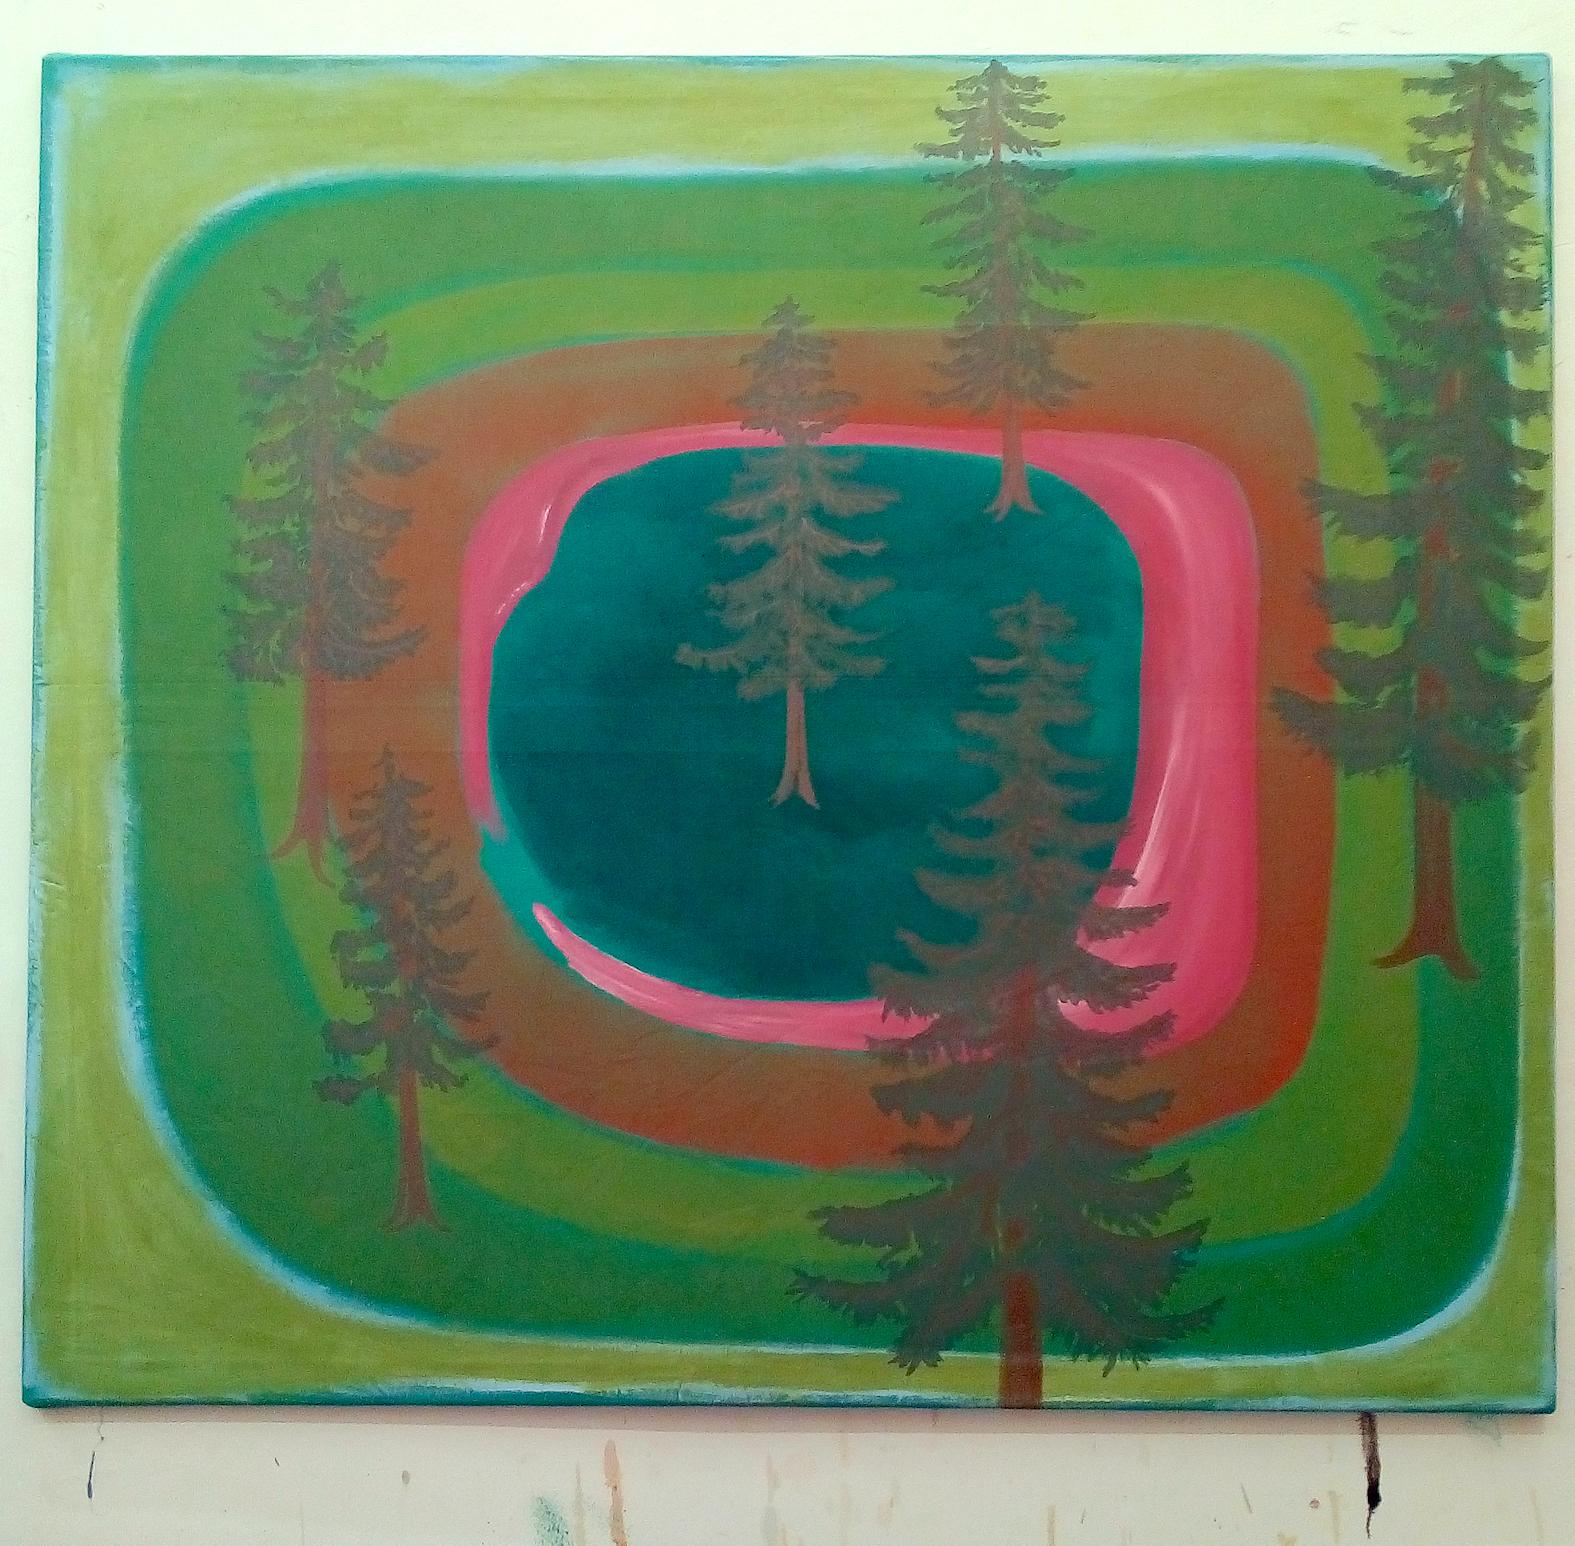 1_Fichten Malerei, 120 x 135 cm, Acryl a